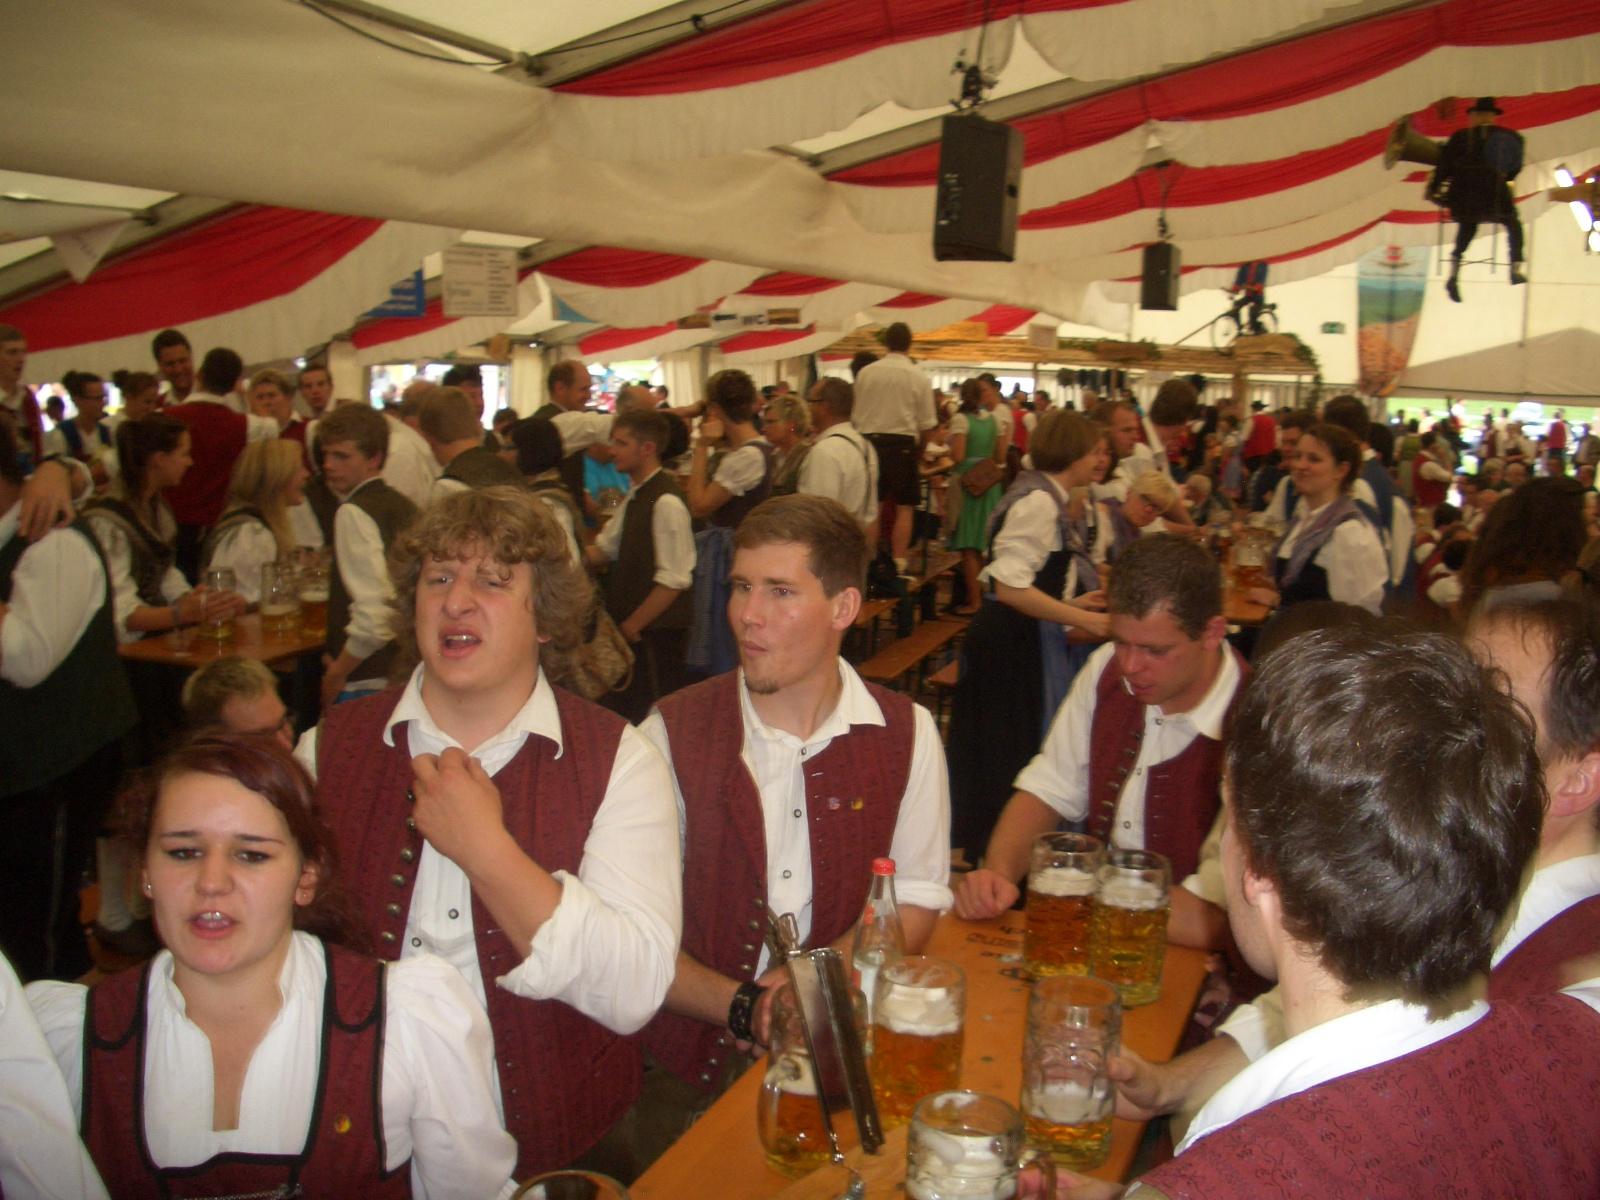 2013-09-15_musikfest-willerazhofen_025